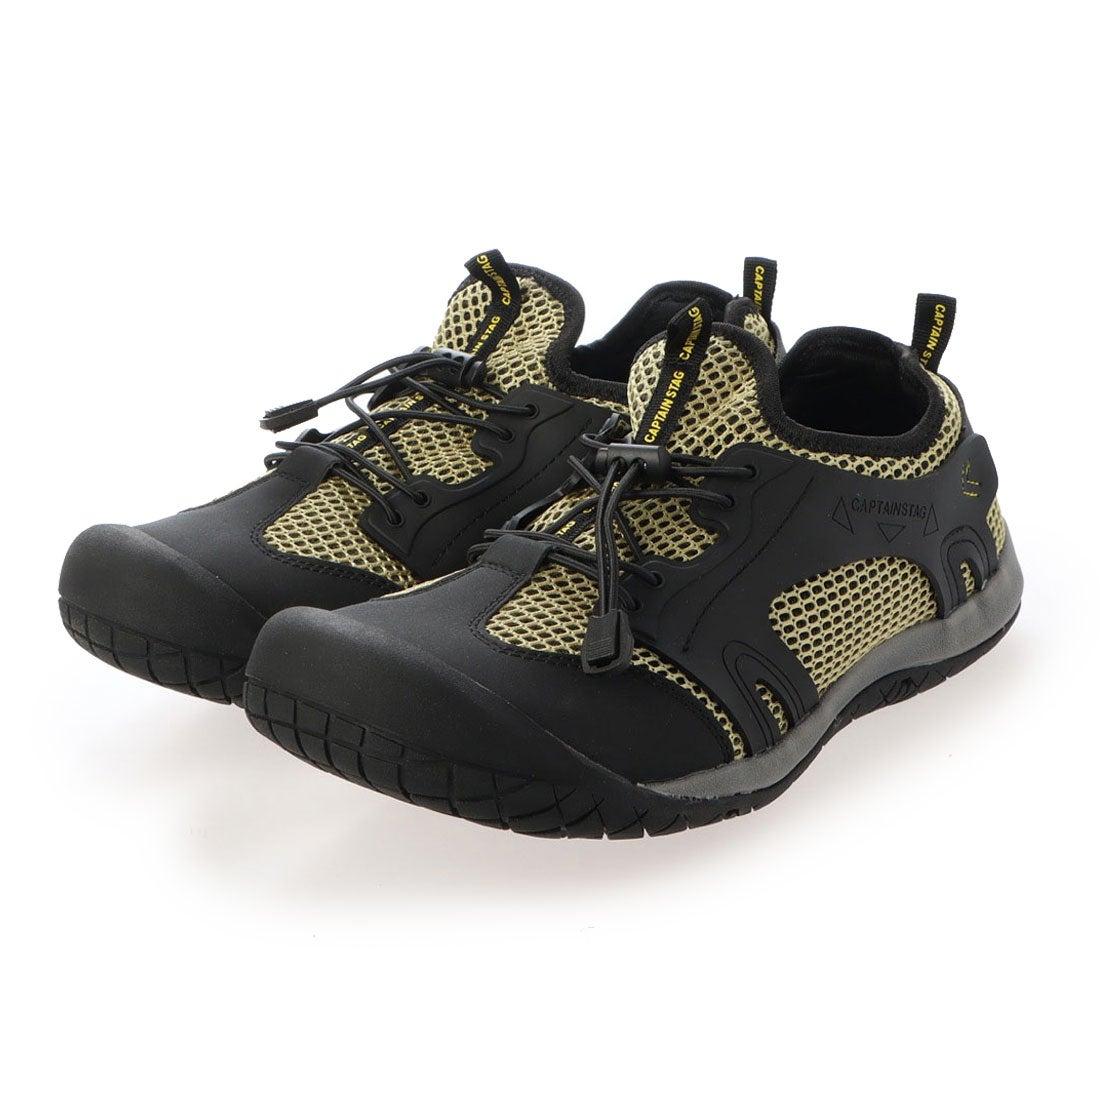 ロコンド 靴とファッションの通販サイトキャプテンスタッグ CAPTAIN STAG メンズ アウトドアスタイルスニーカー (KHAKI)